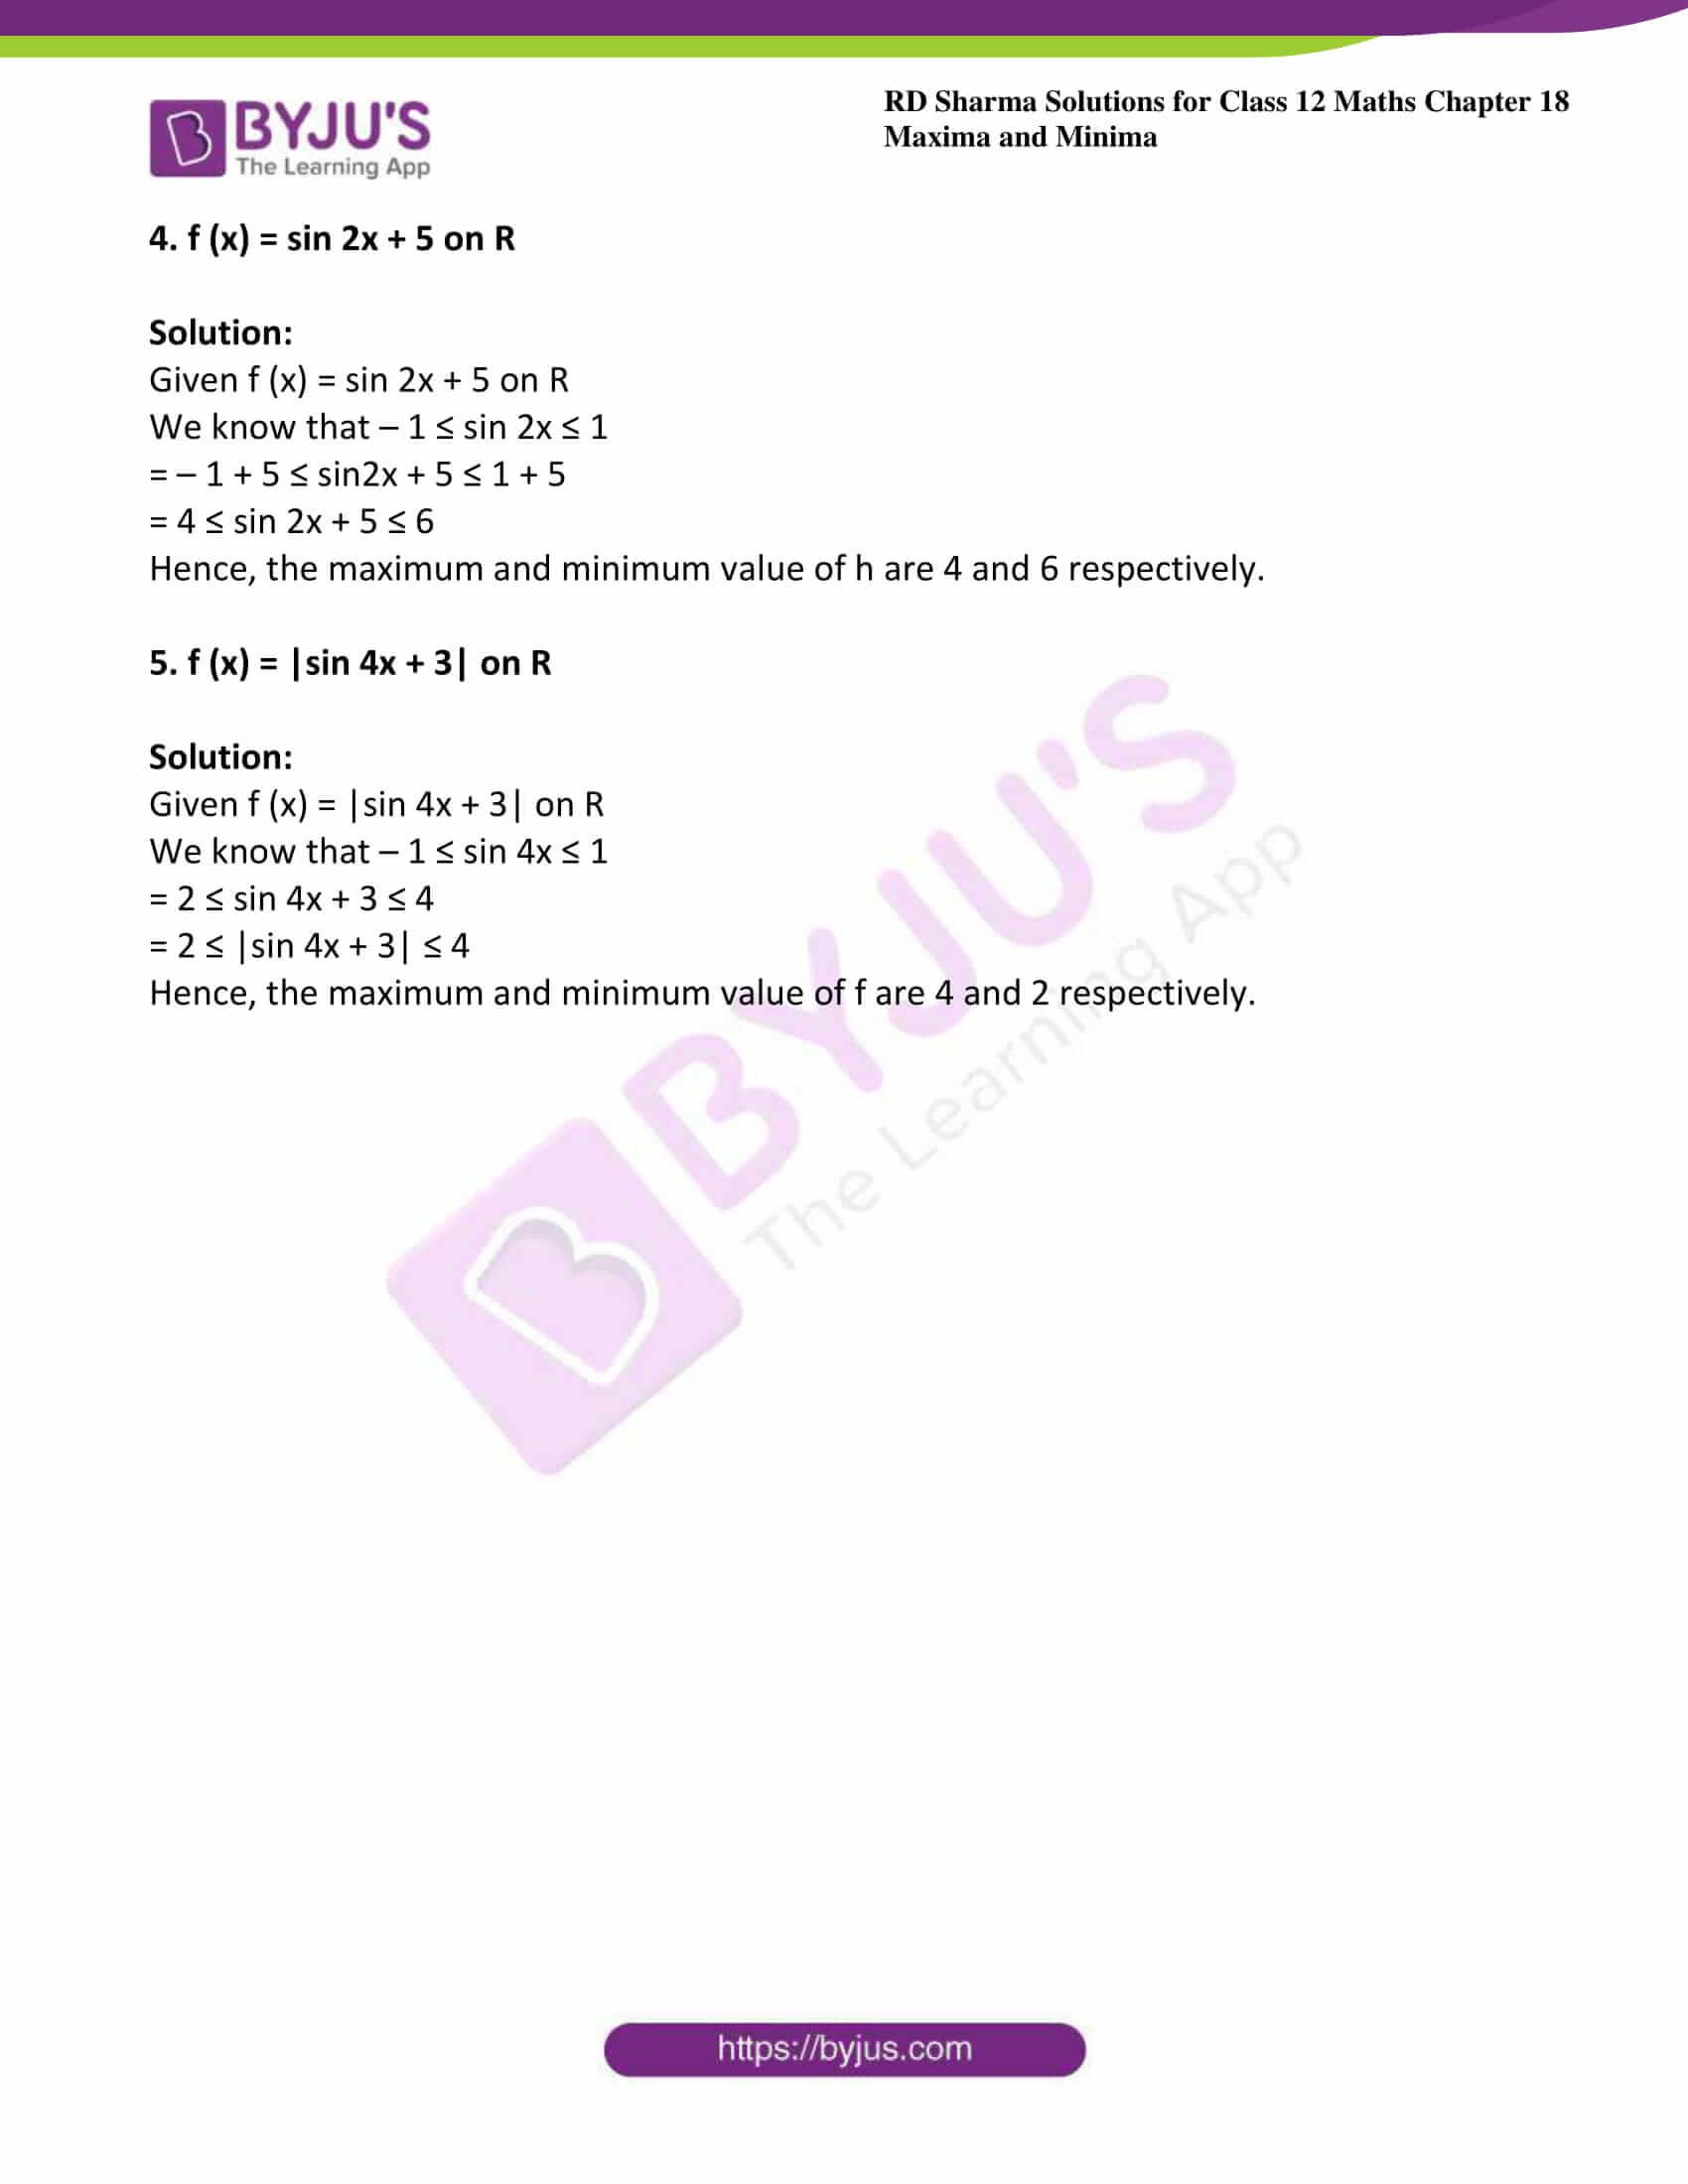 rd sharma class 12 maths sol chap 18 ex 1 2